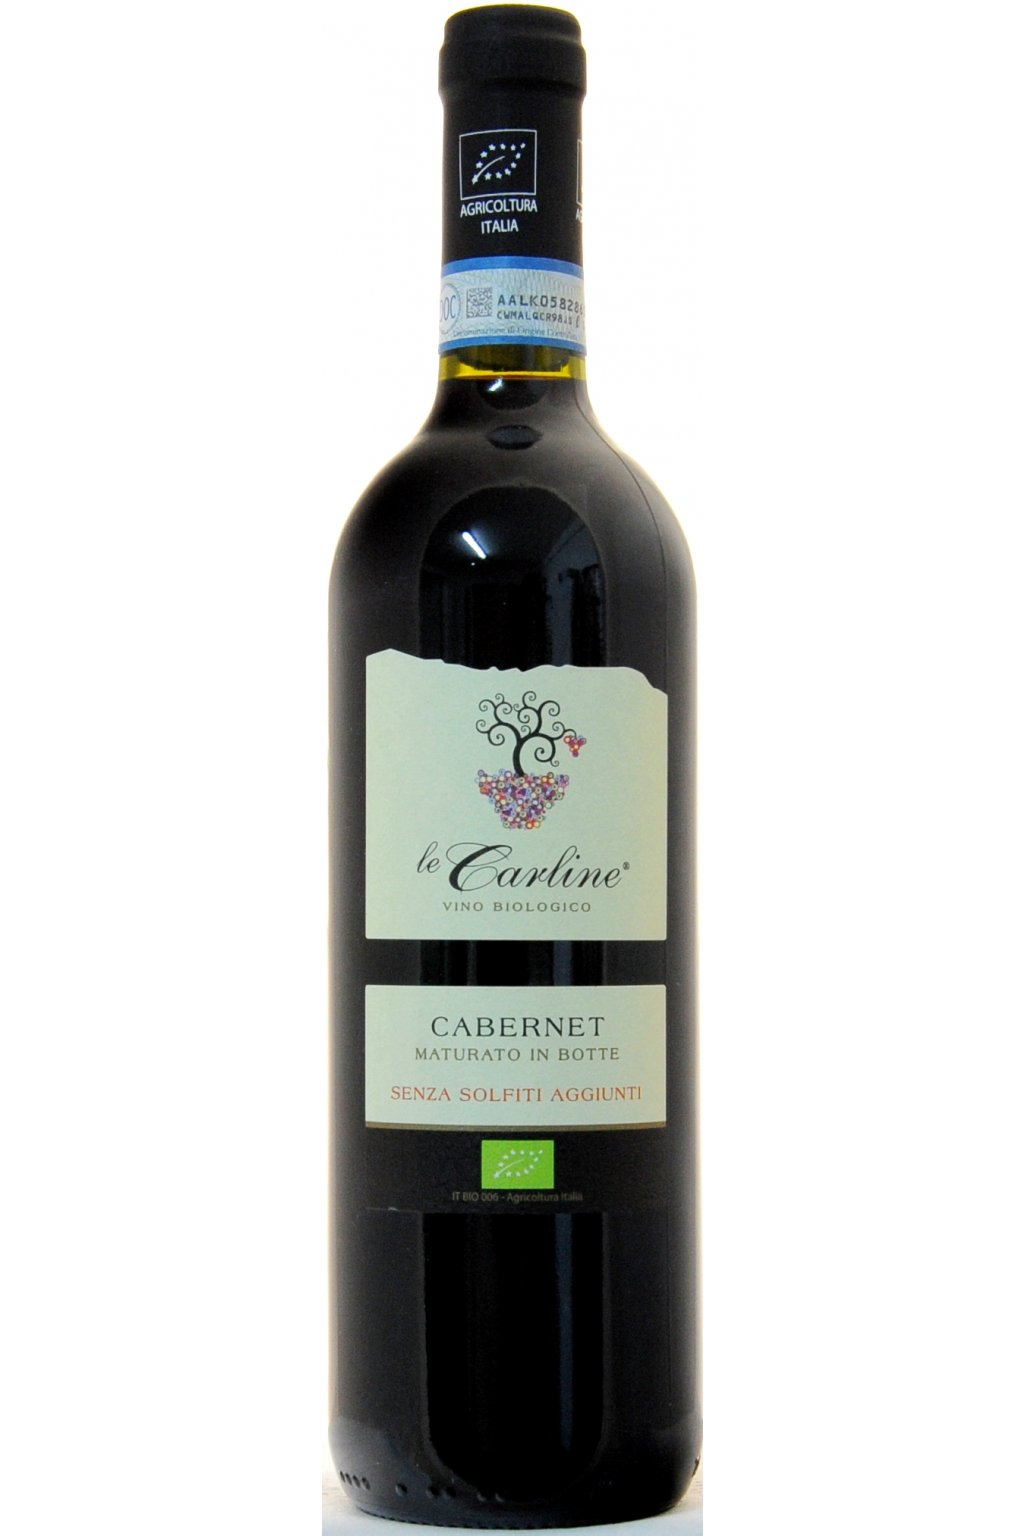 Le Carline Cabernet NO SULPHITES DOC Lison Pramaggiore 2014 F